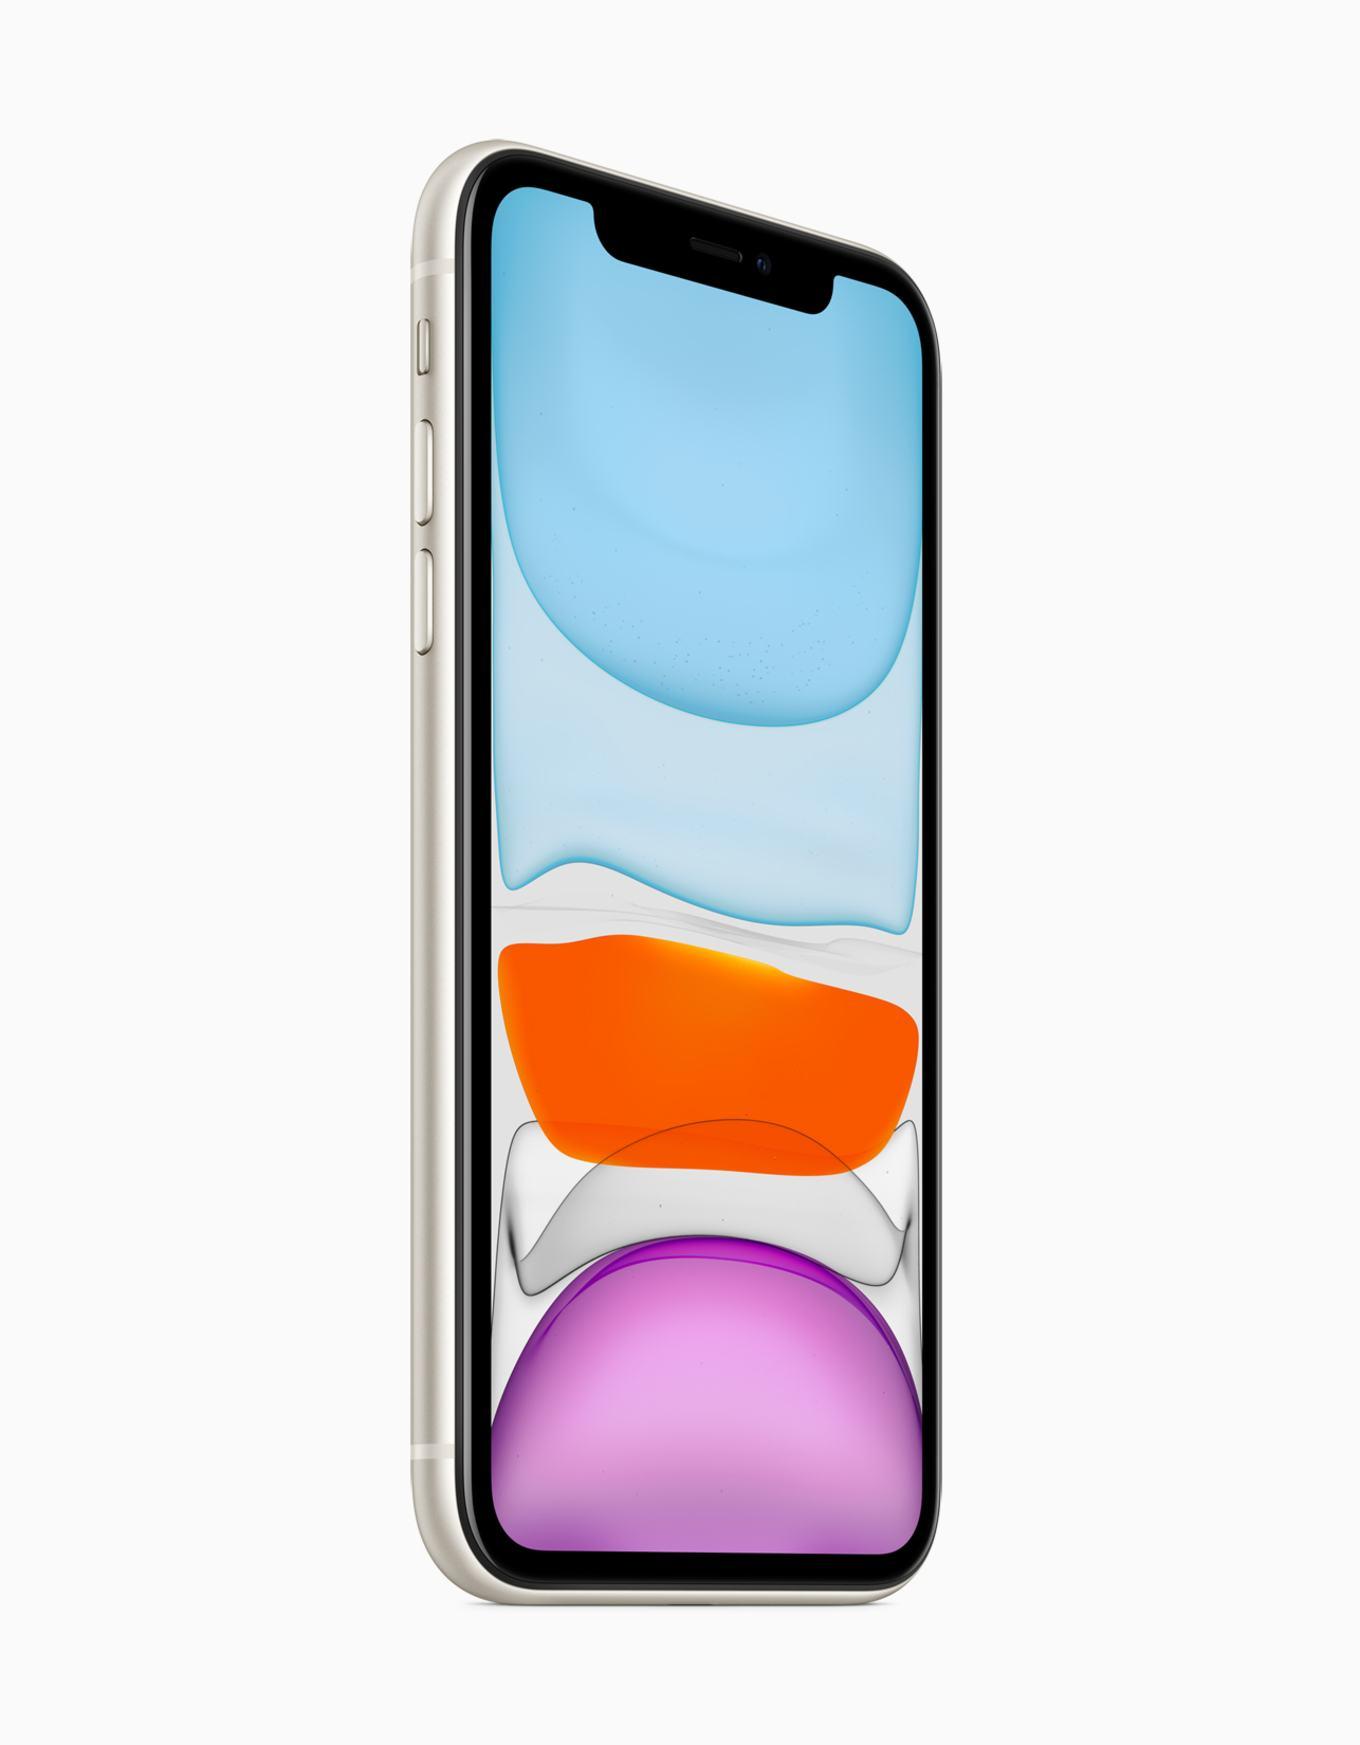 пользователи жалуются на царапины на экранах Iphone 11